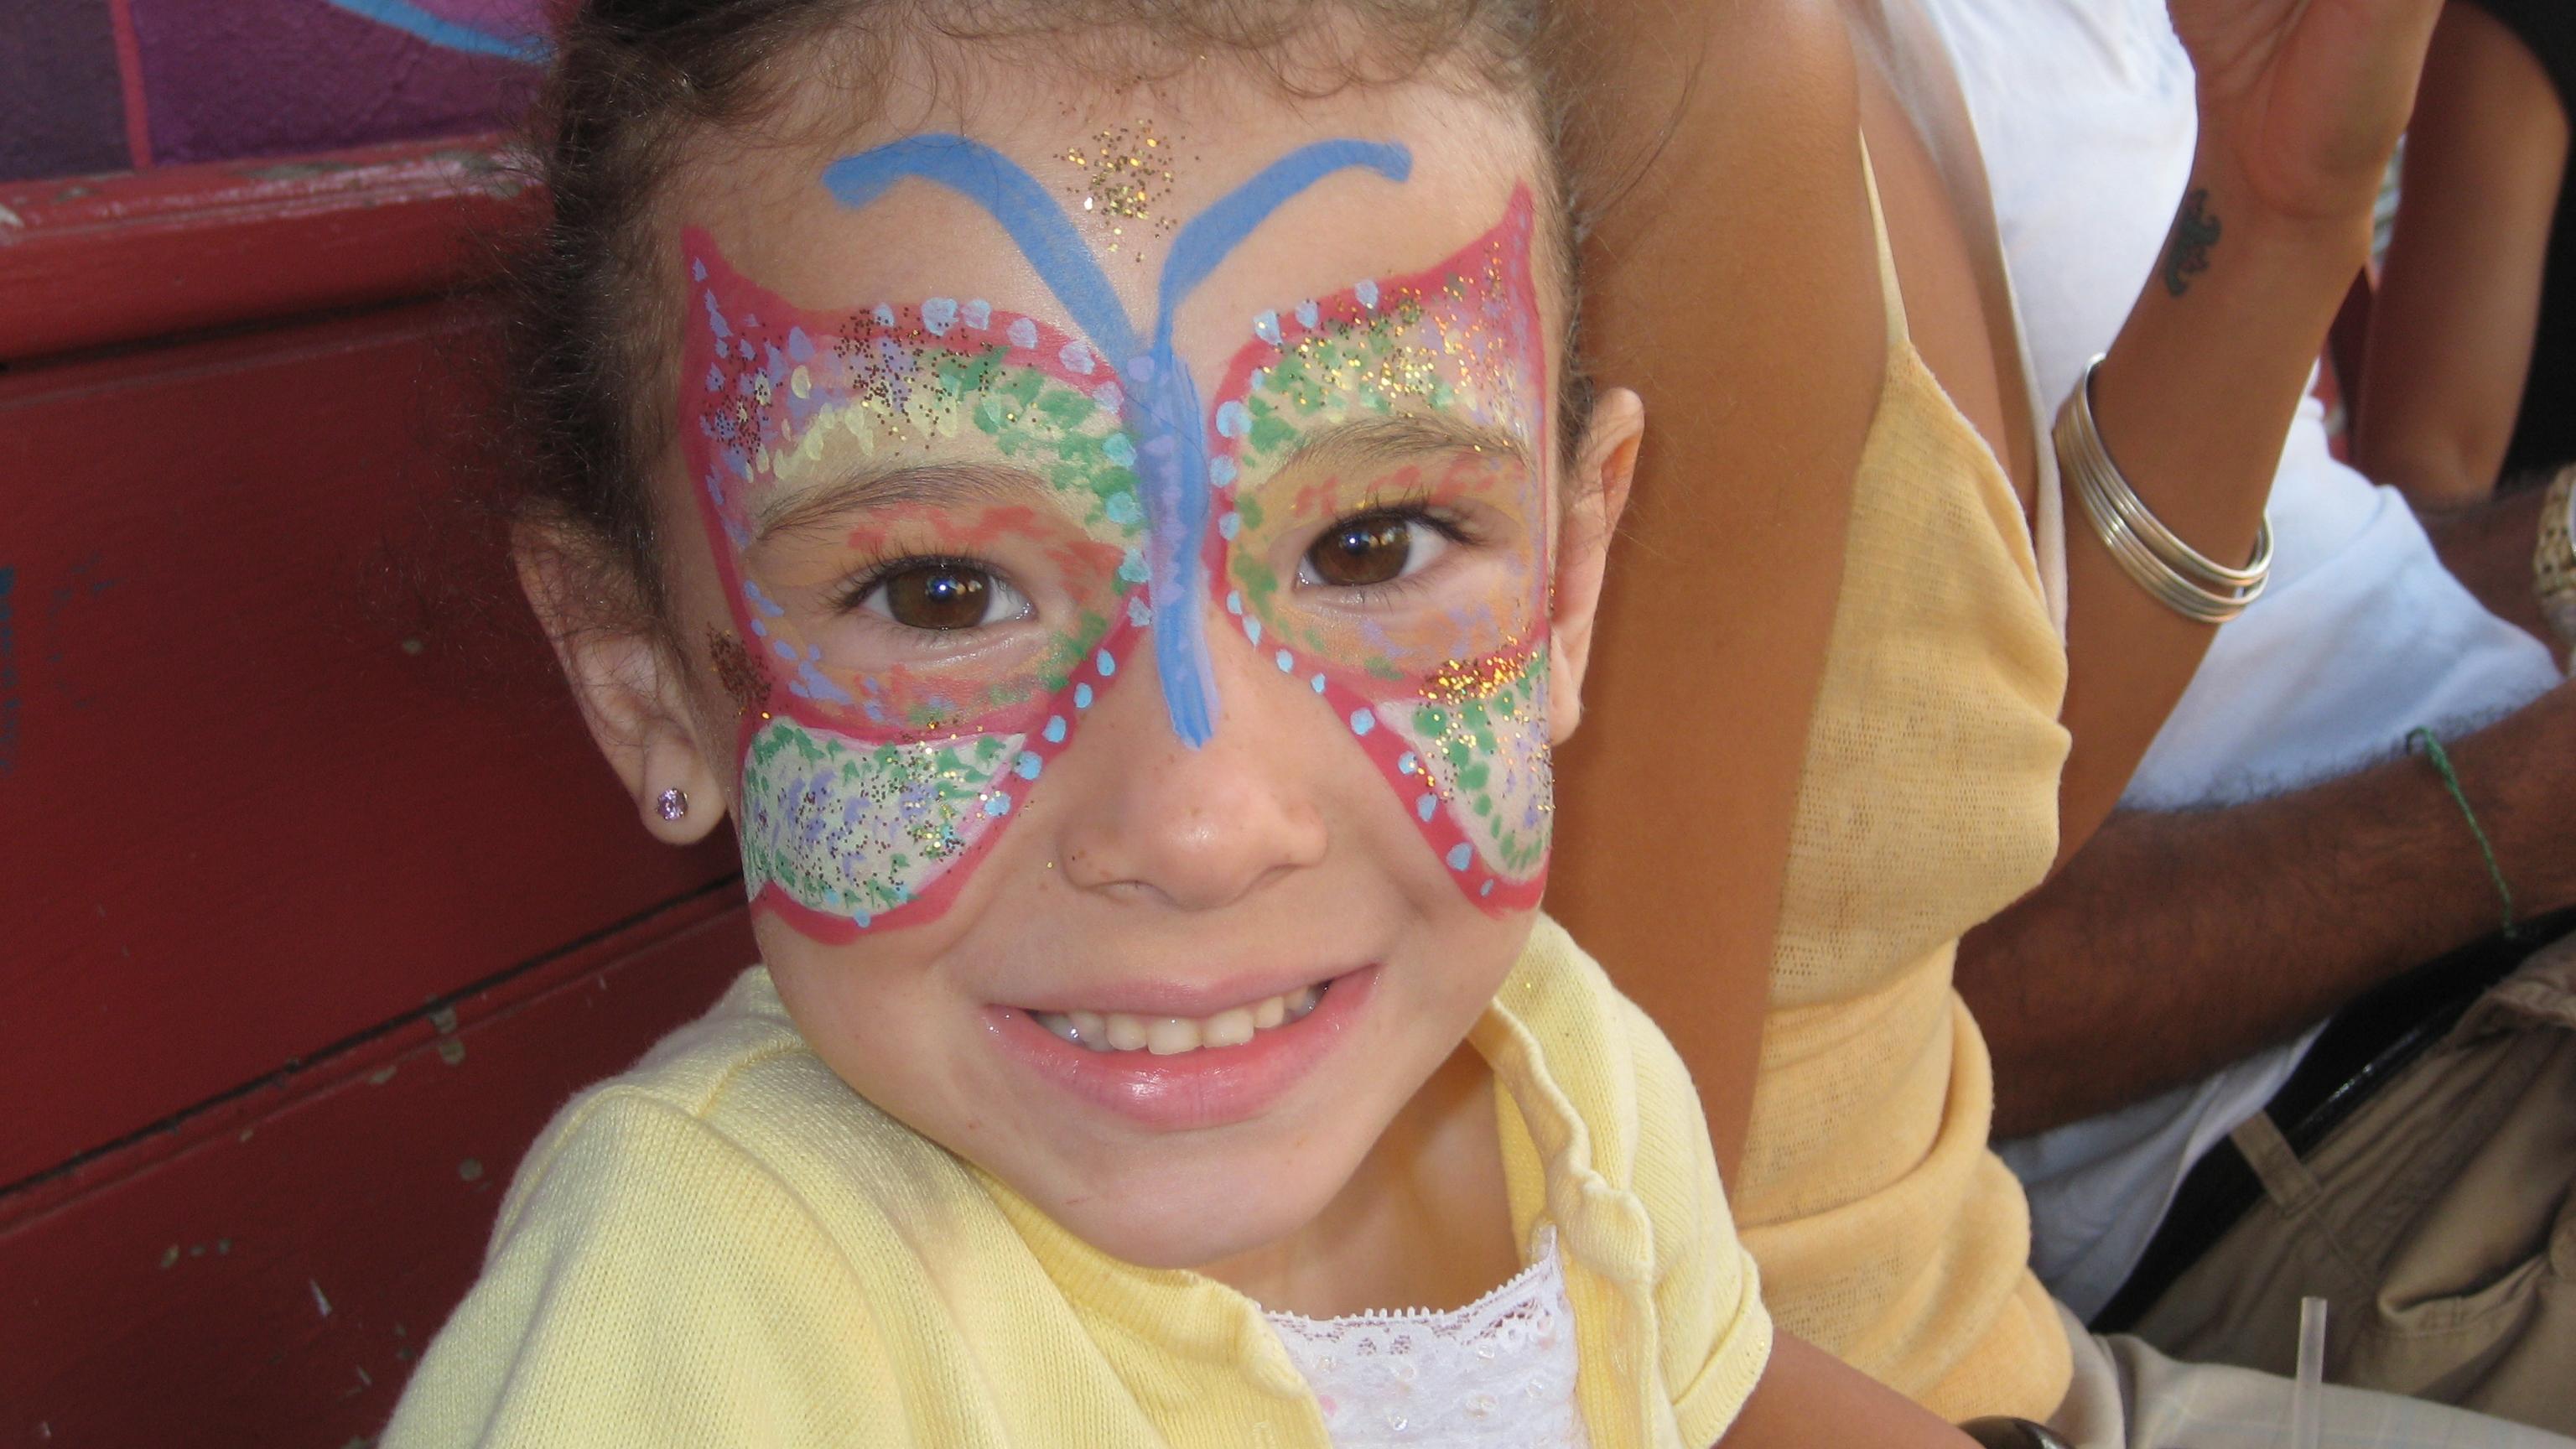 Butterfly facepaint on girl